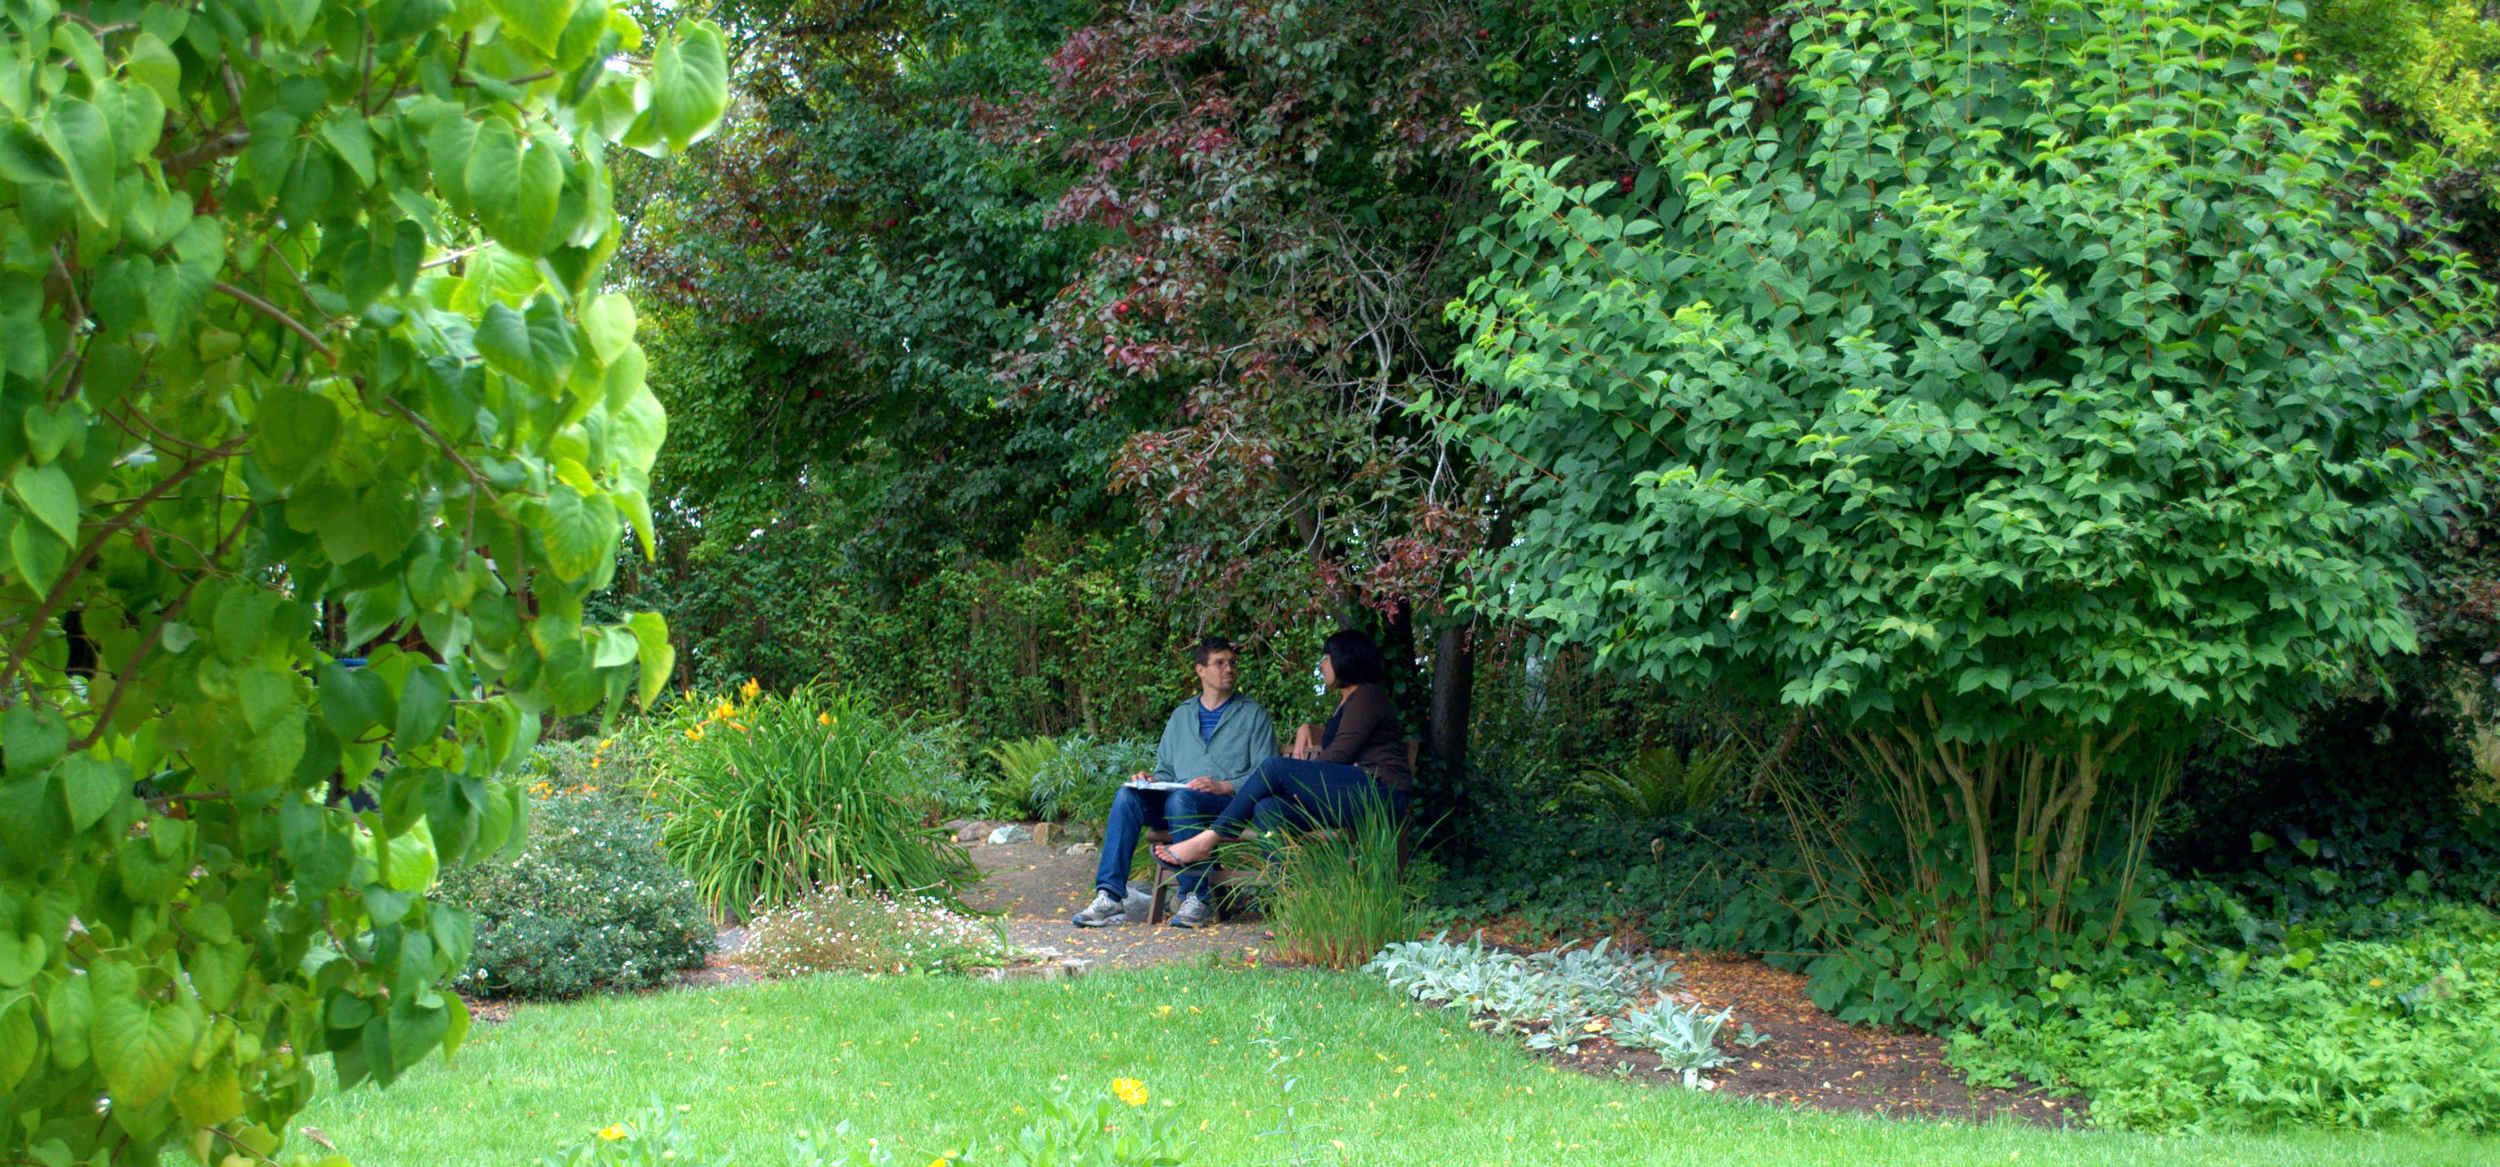 DSC_0183 Adam Lisa Pair n Share Gok Garden-pixlr.jpg